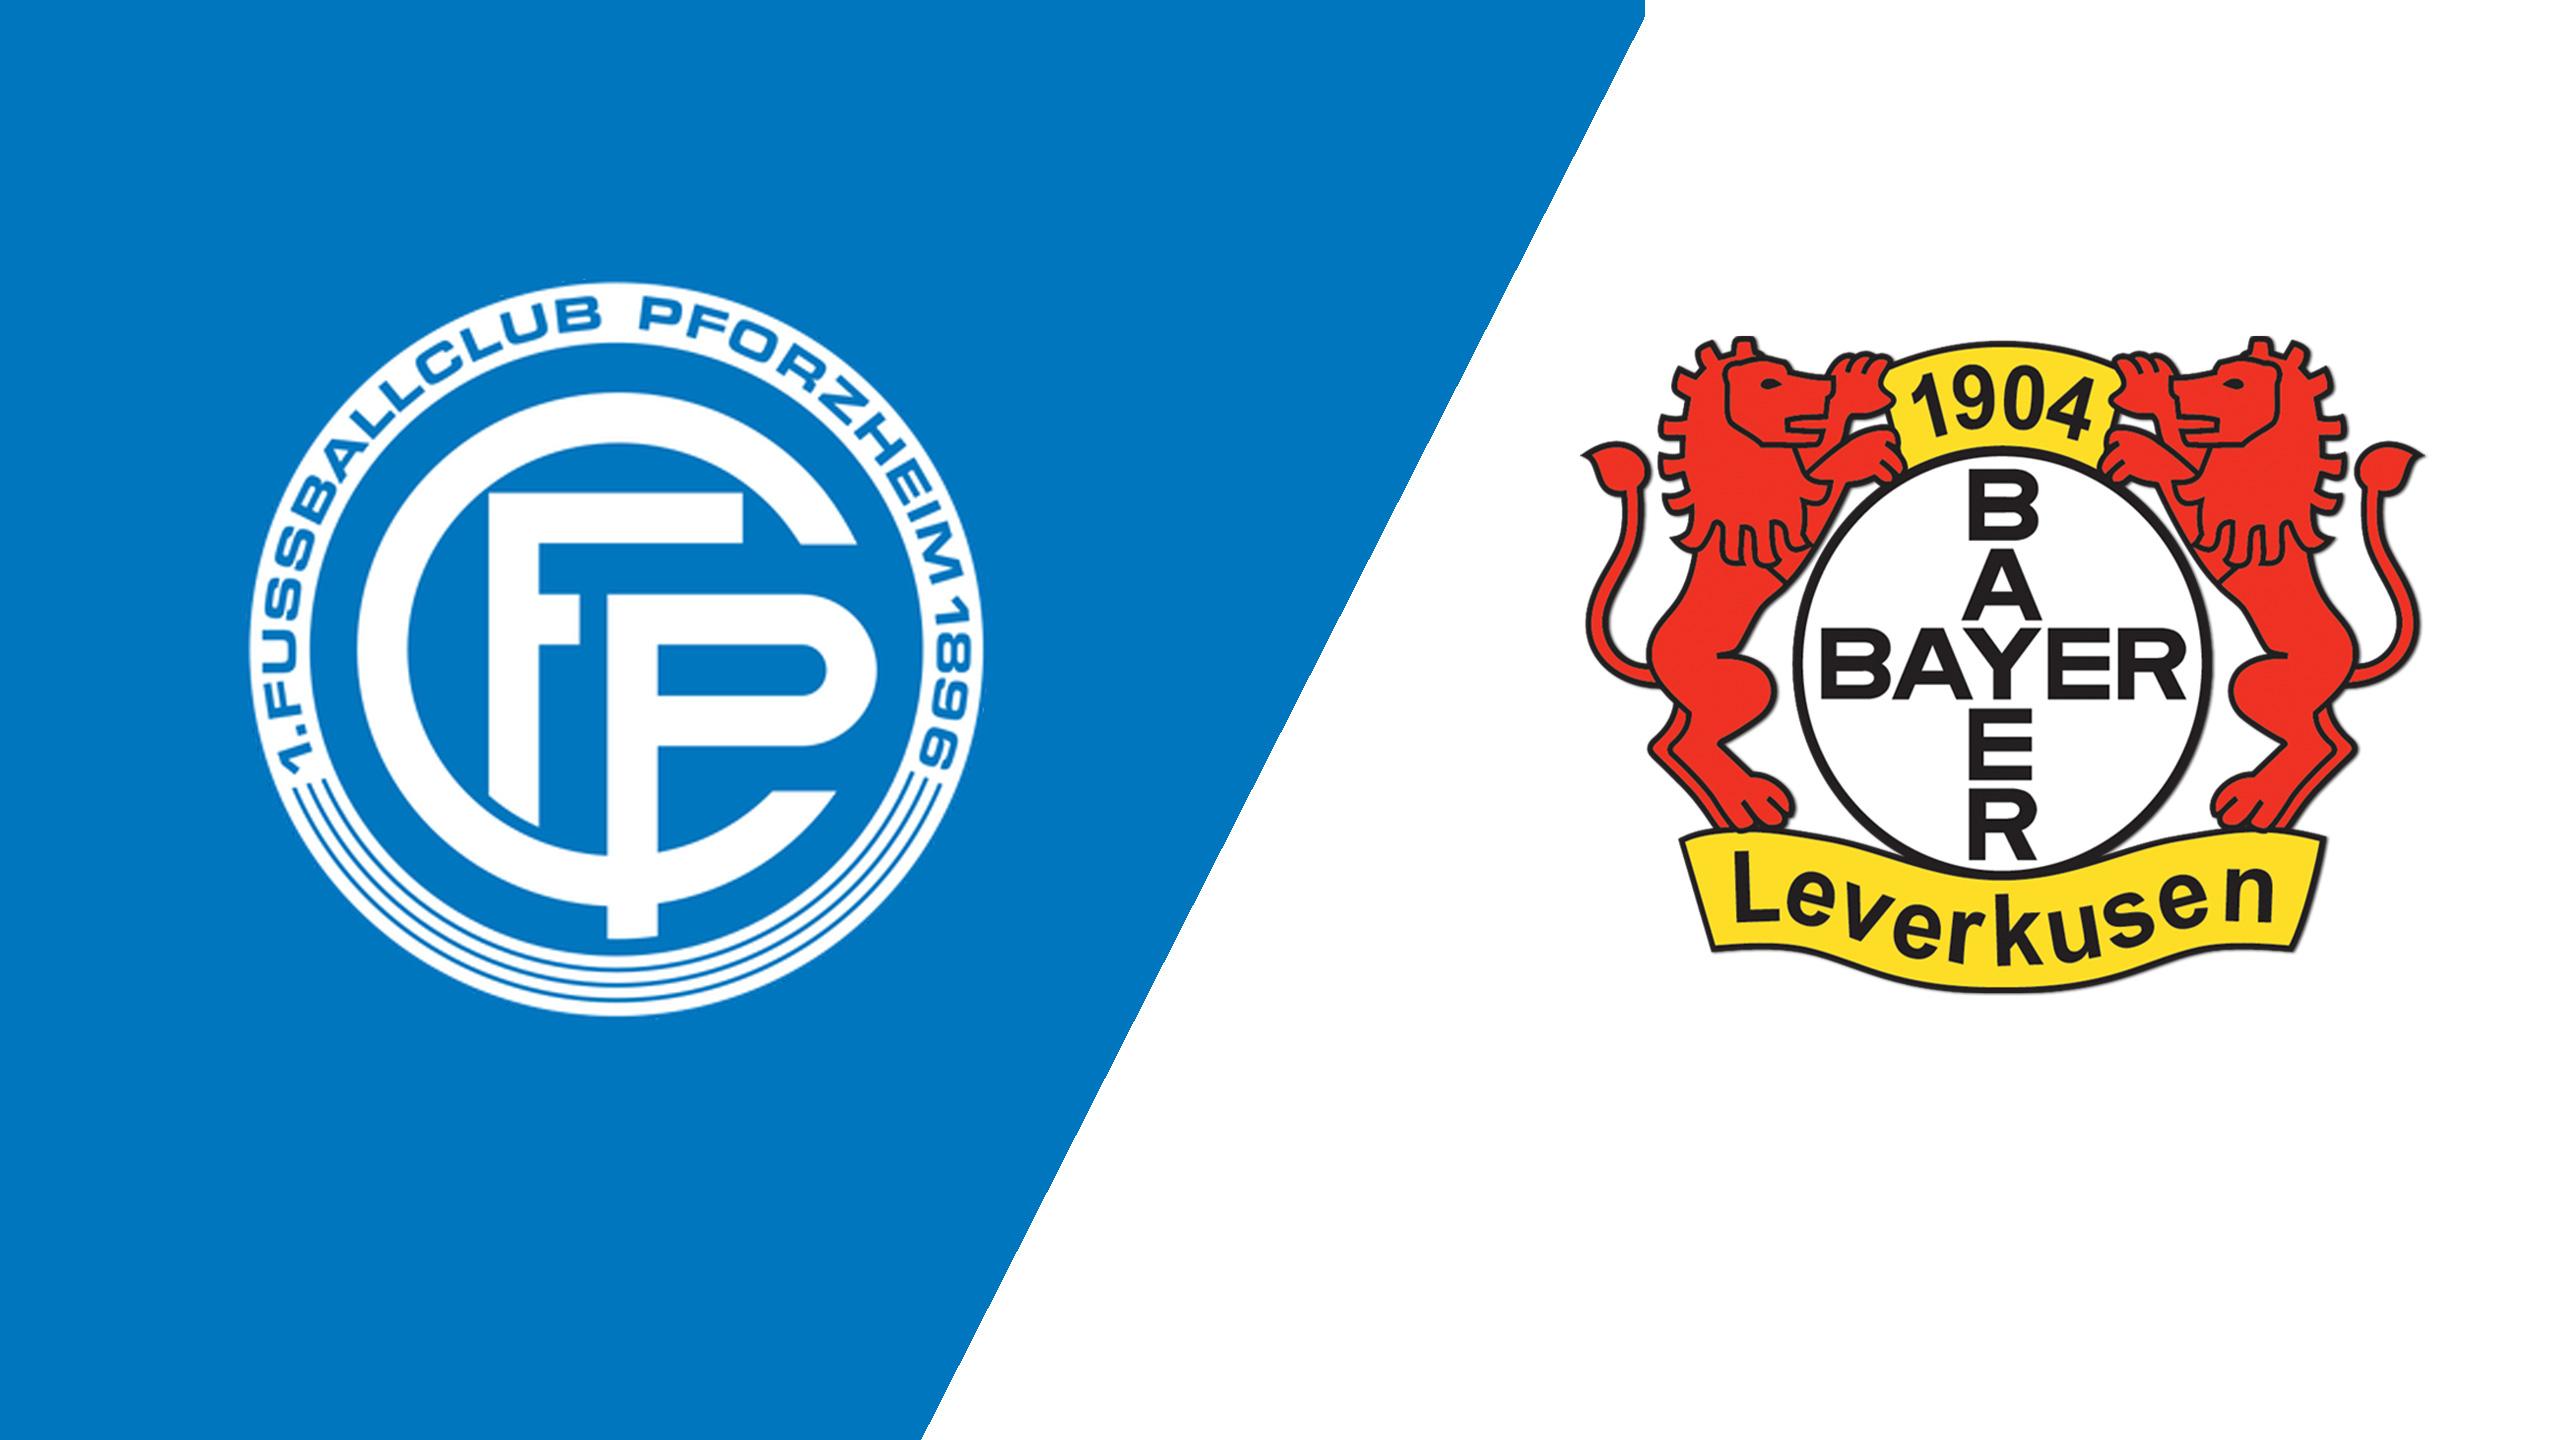 In Spanish - Pforzheim vs. Bayer Leverkusen (Round 1) (German Cup)